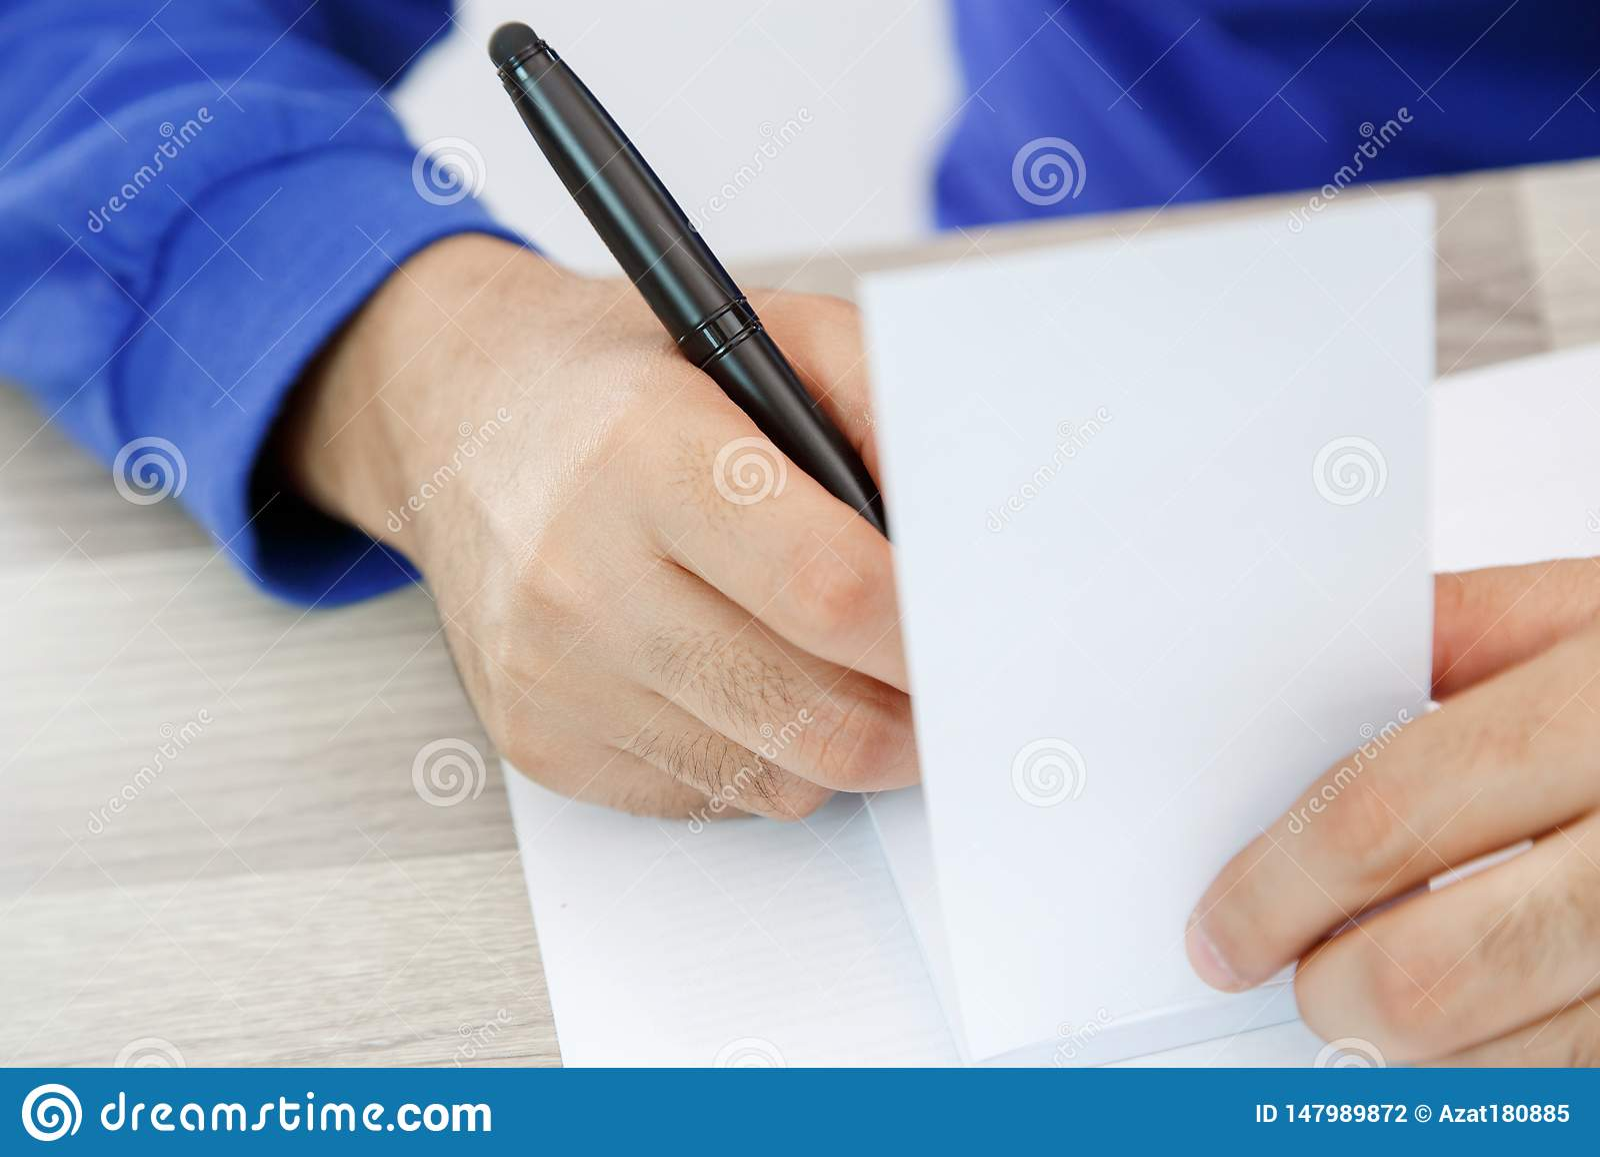 R?ki m?ody cz?owiek pisze na kawa?ek papieru